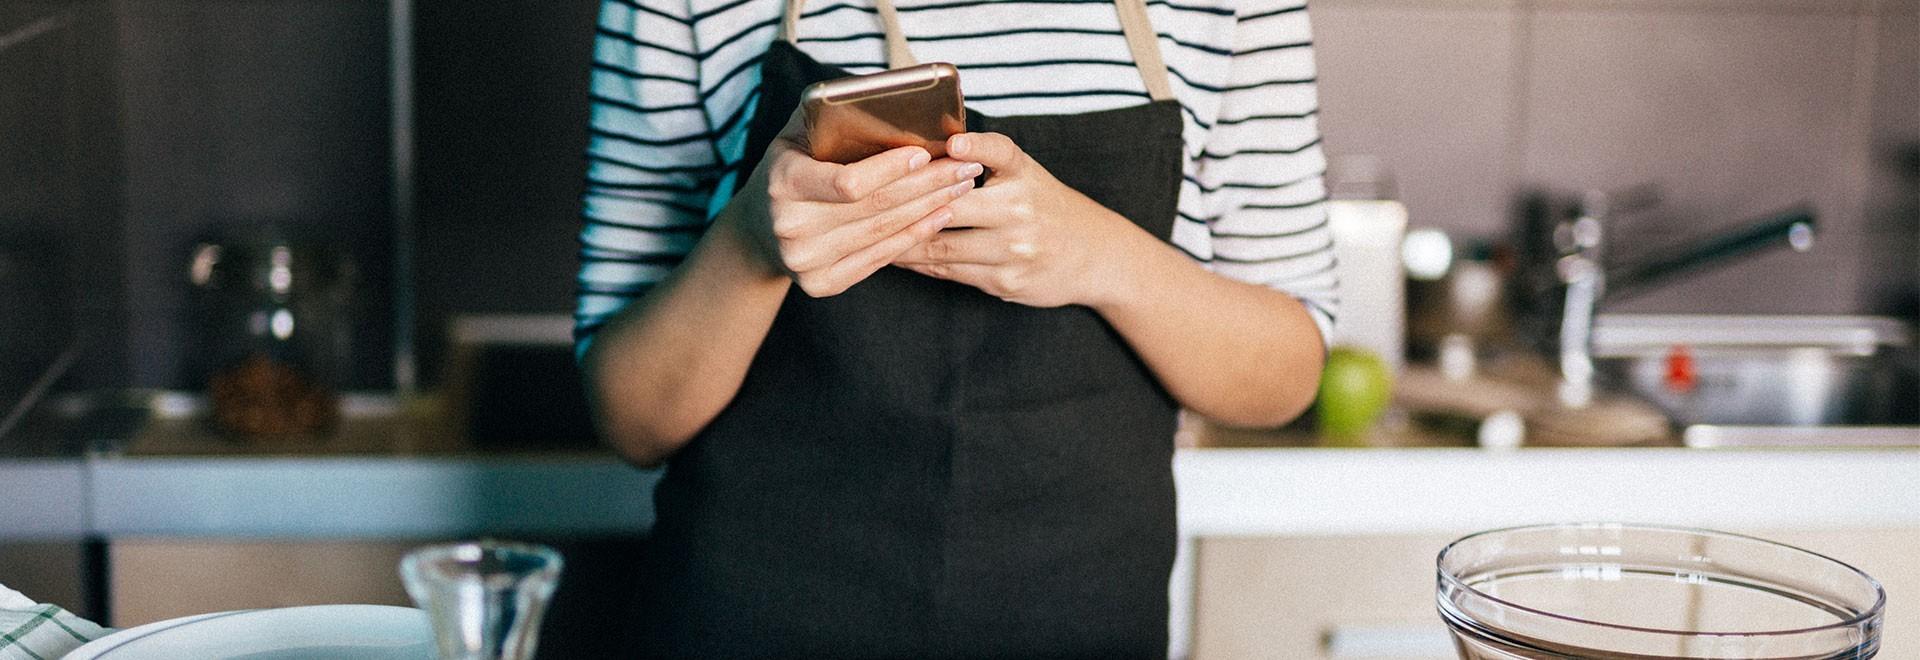 La technologie au service de la cuisine et du barbecue